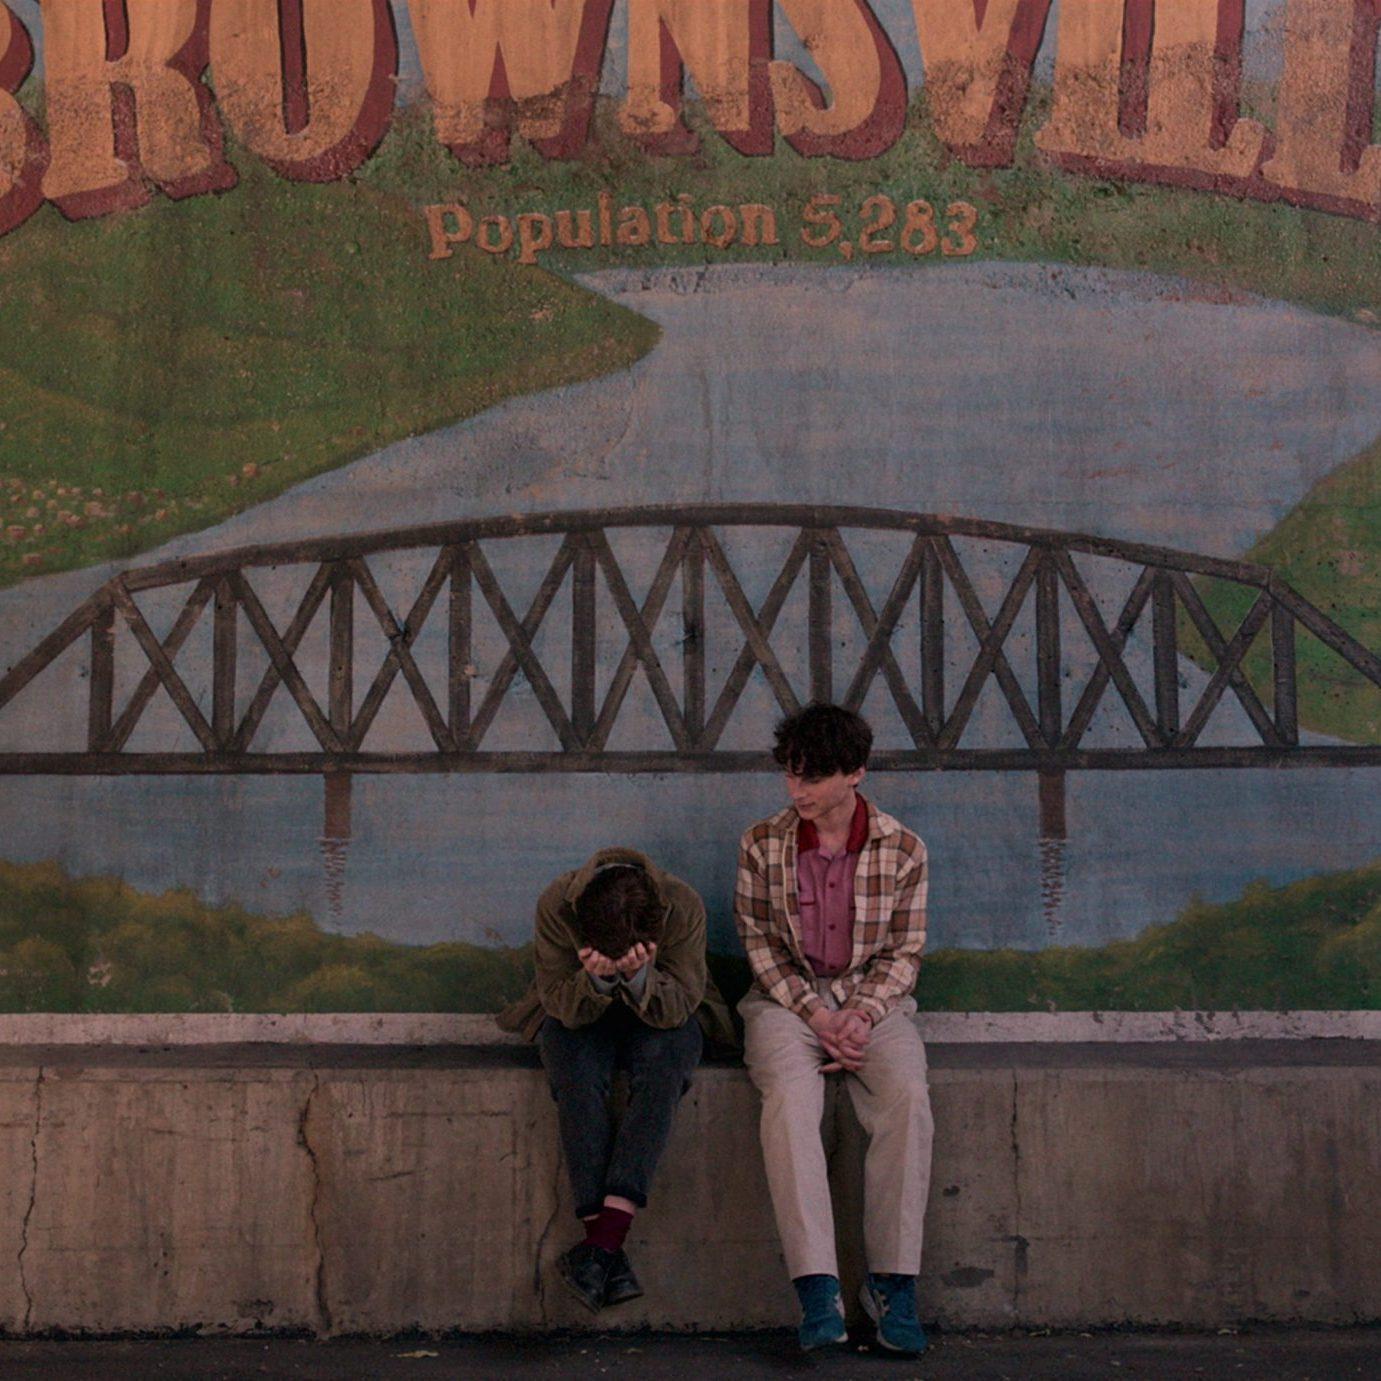 Sophia Lillis & Wyatt Oleff; Courtesy of Netflix (2020)